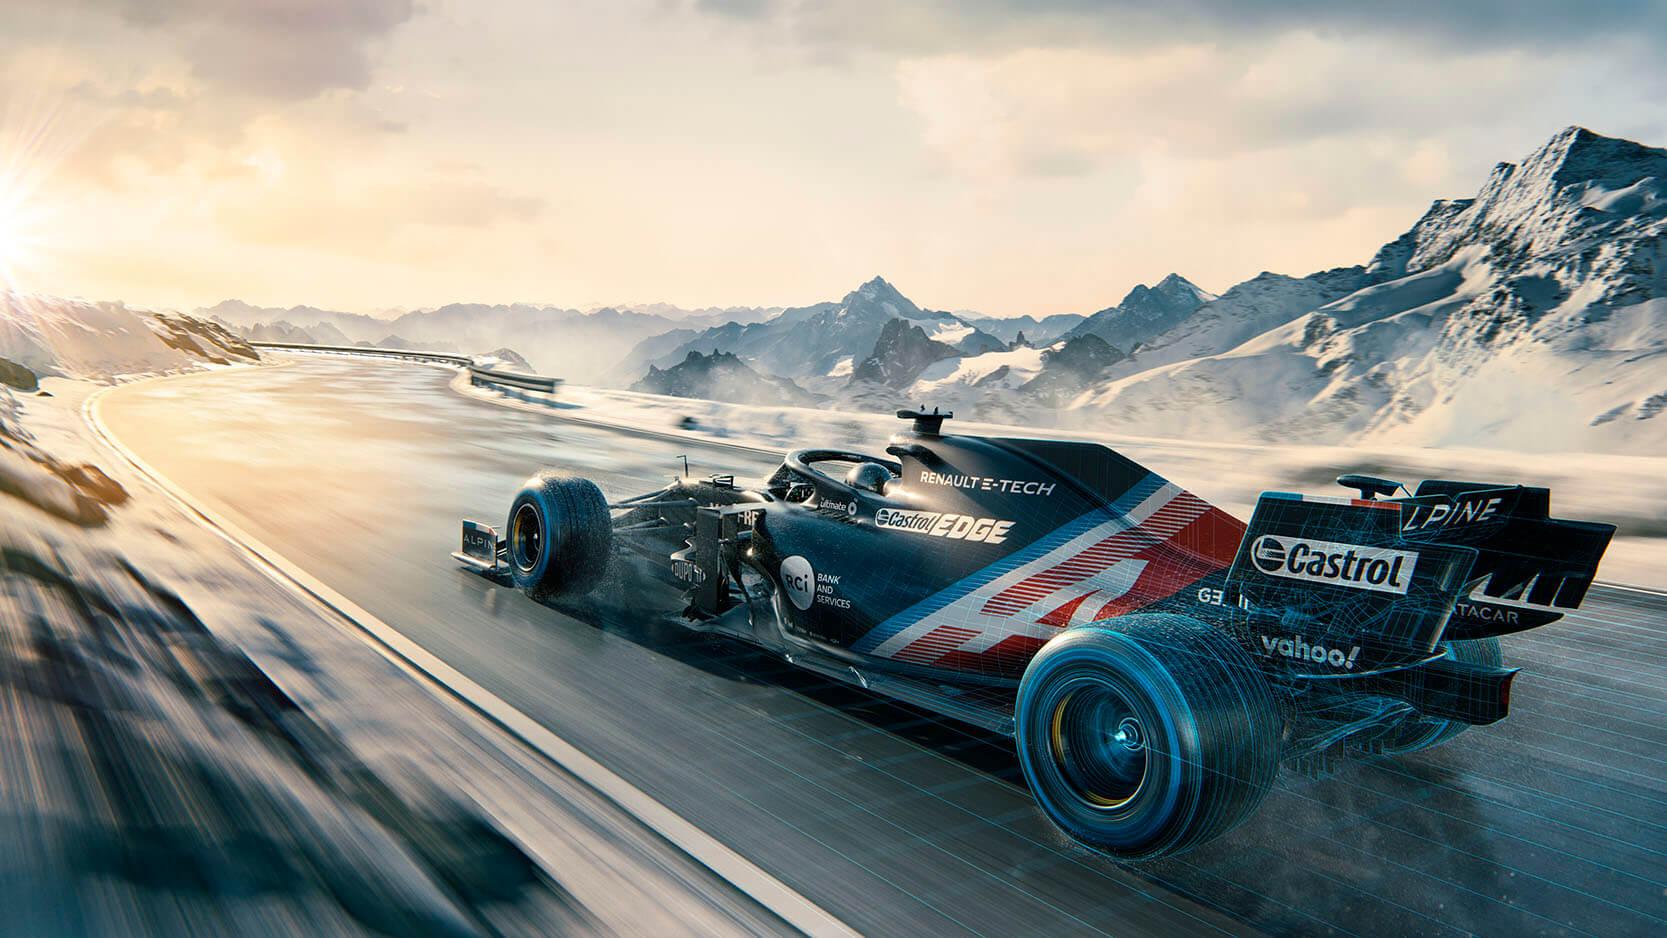 Alpine F1 portada